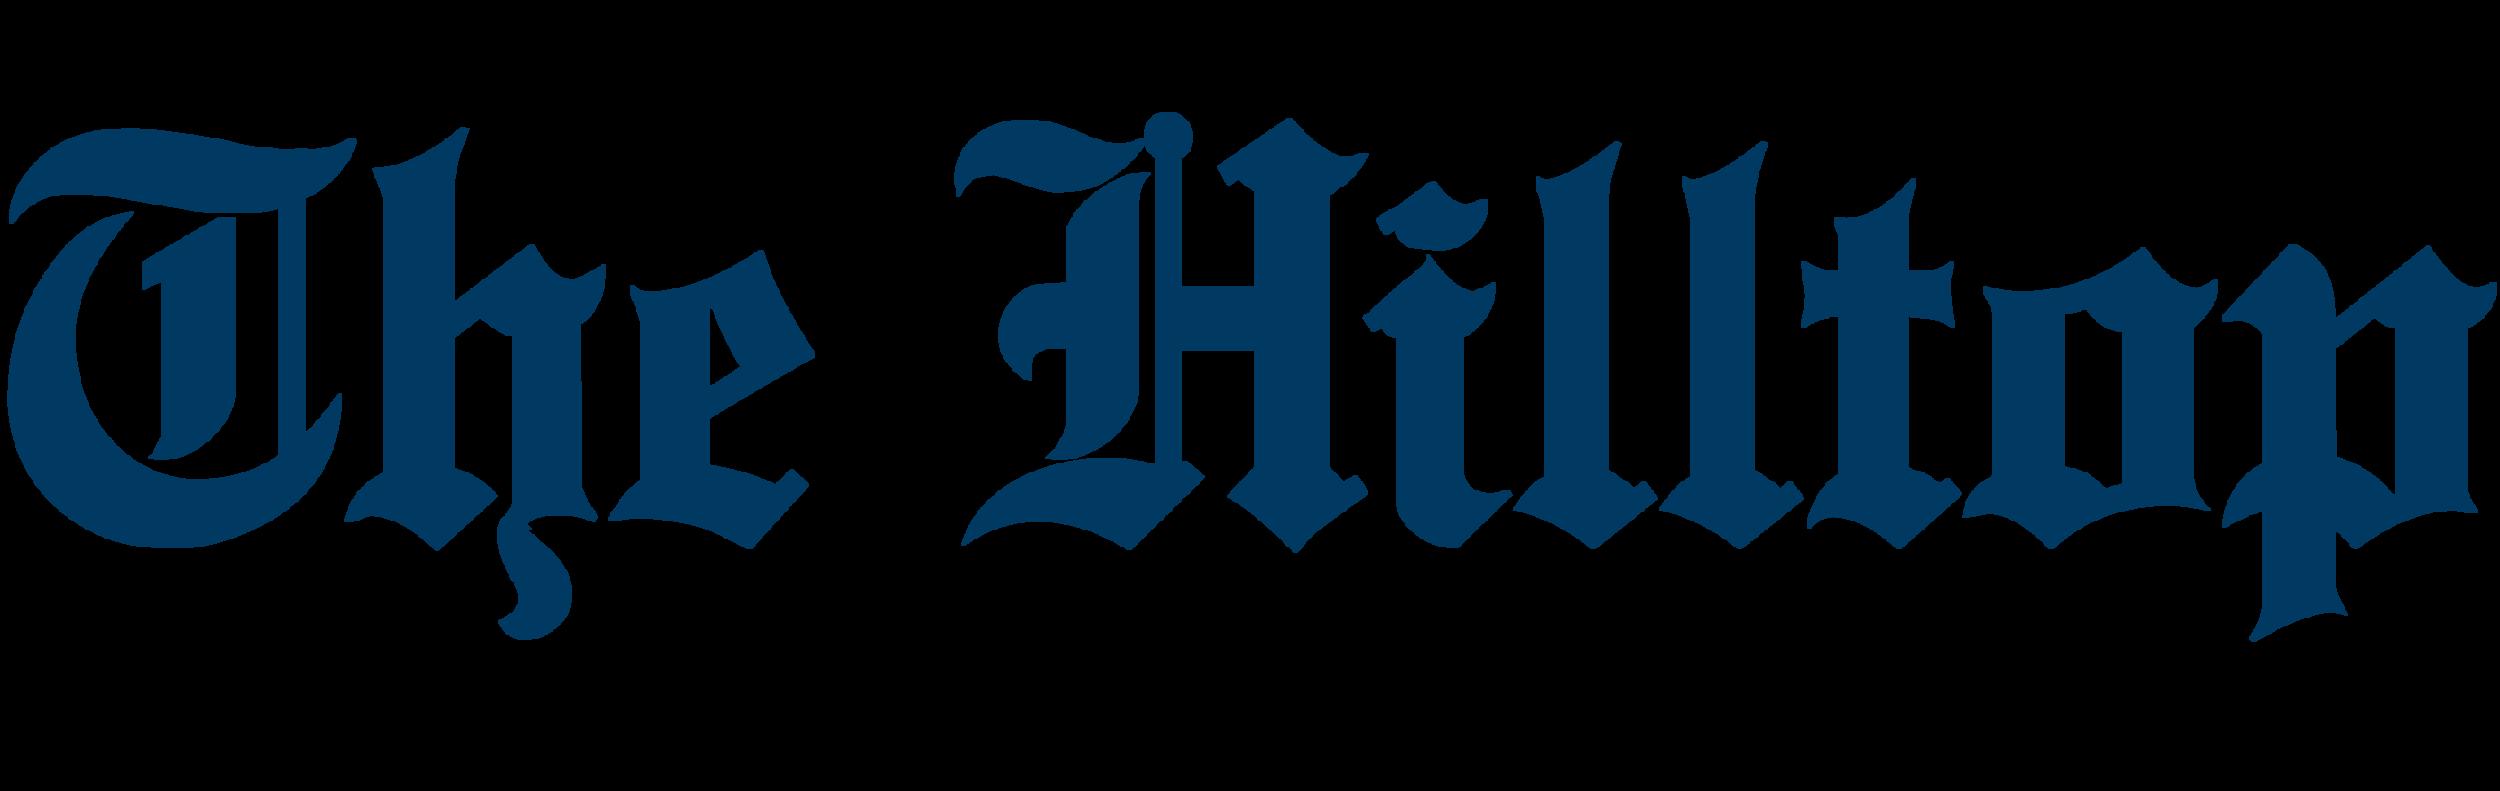 hilltop-banner1.png